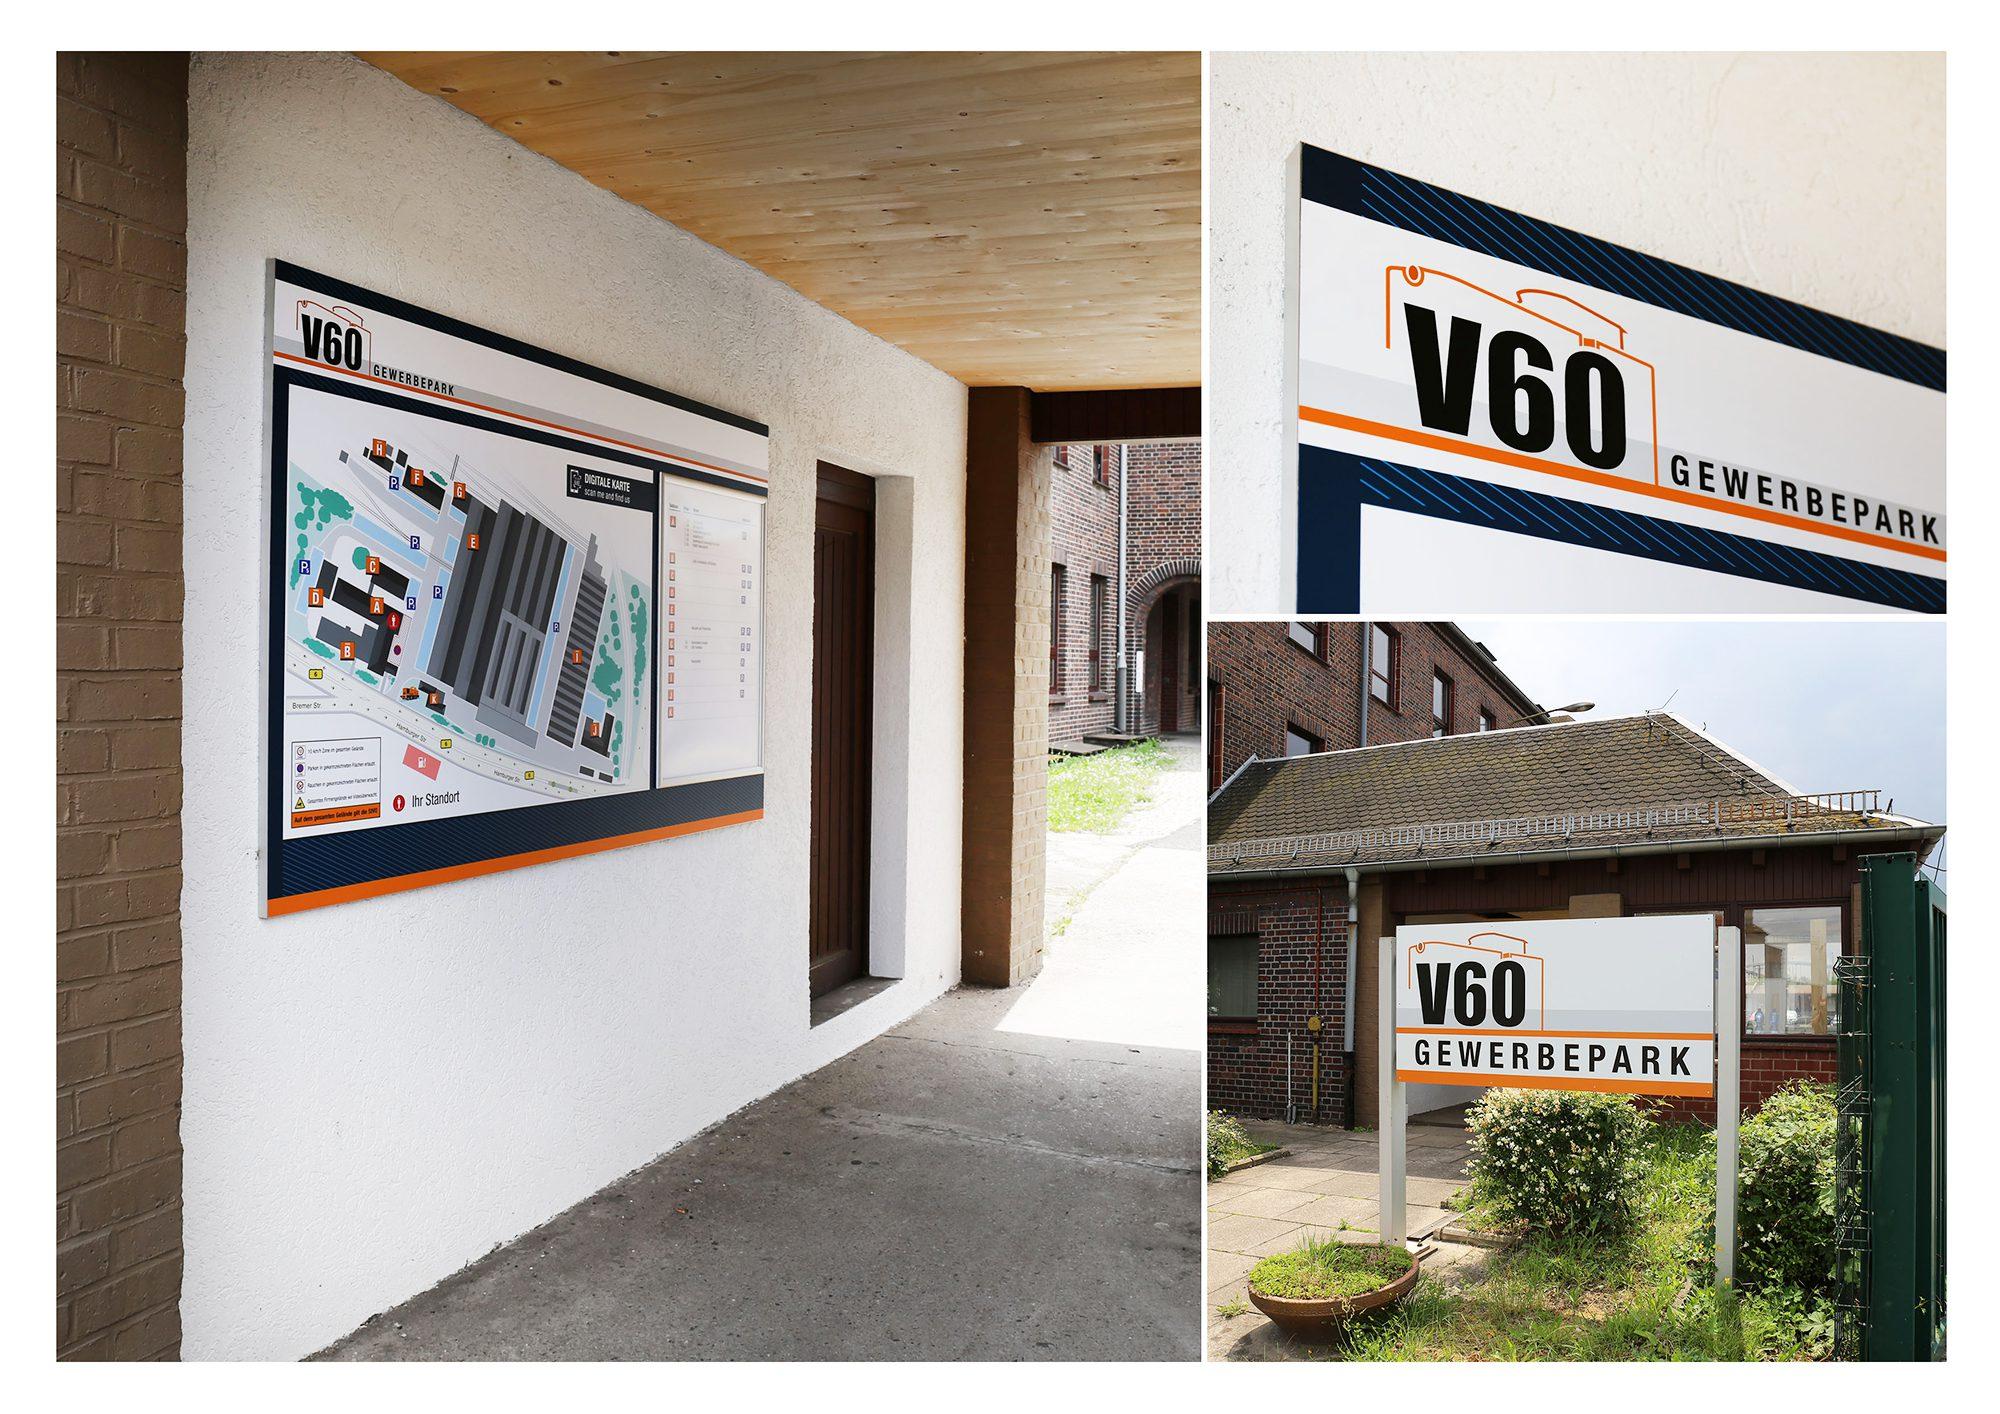 V60 Beschilderung